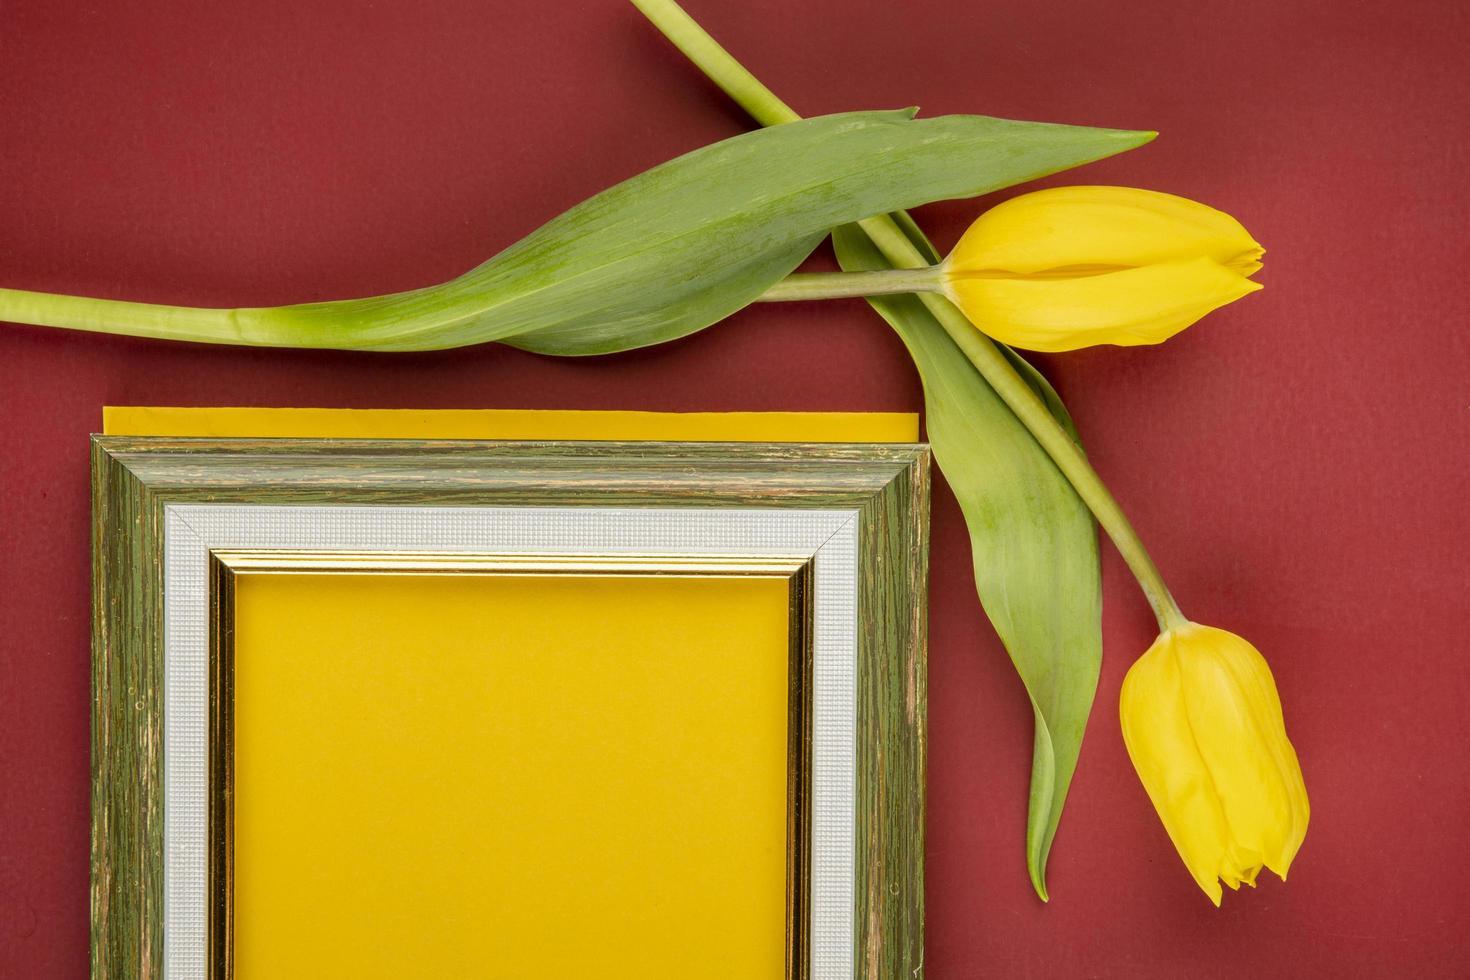 Draufsicht eines leeren Bilderrahmens mit gelben Tulpen auf einem roten Hintergrund foto